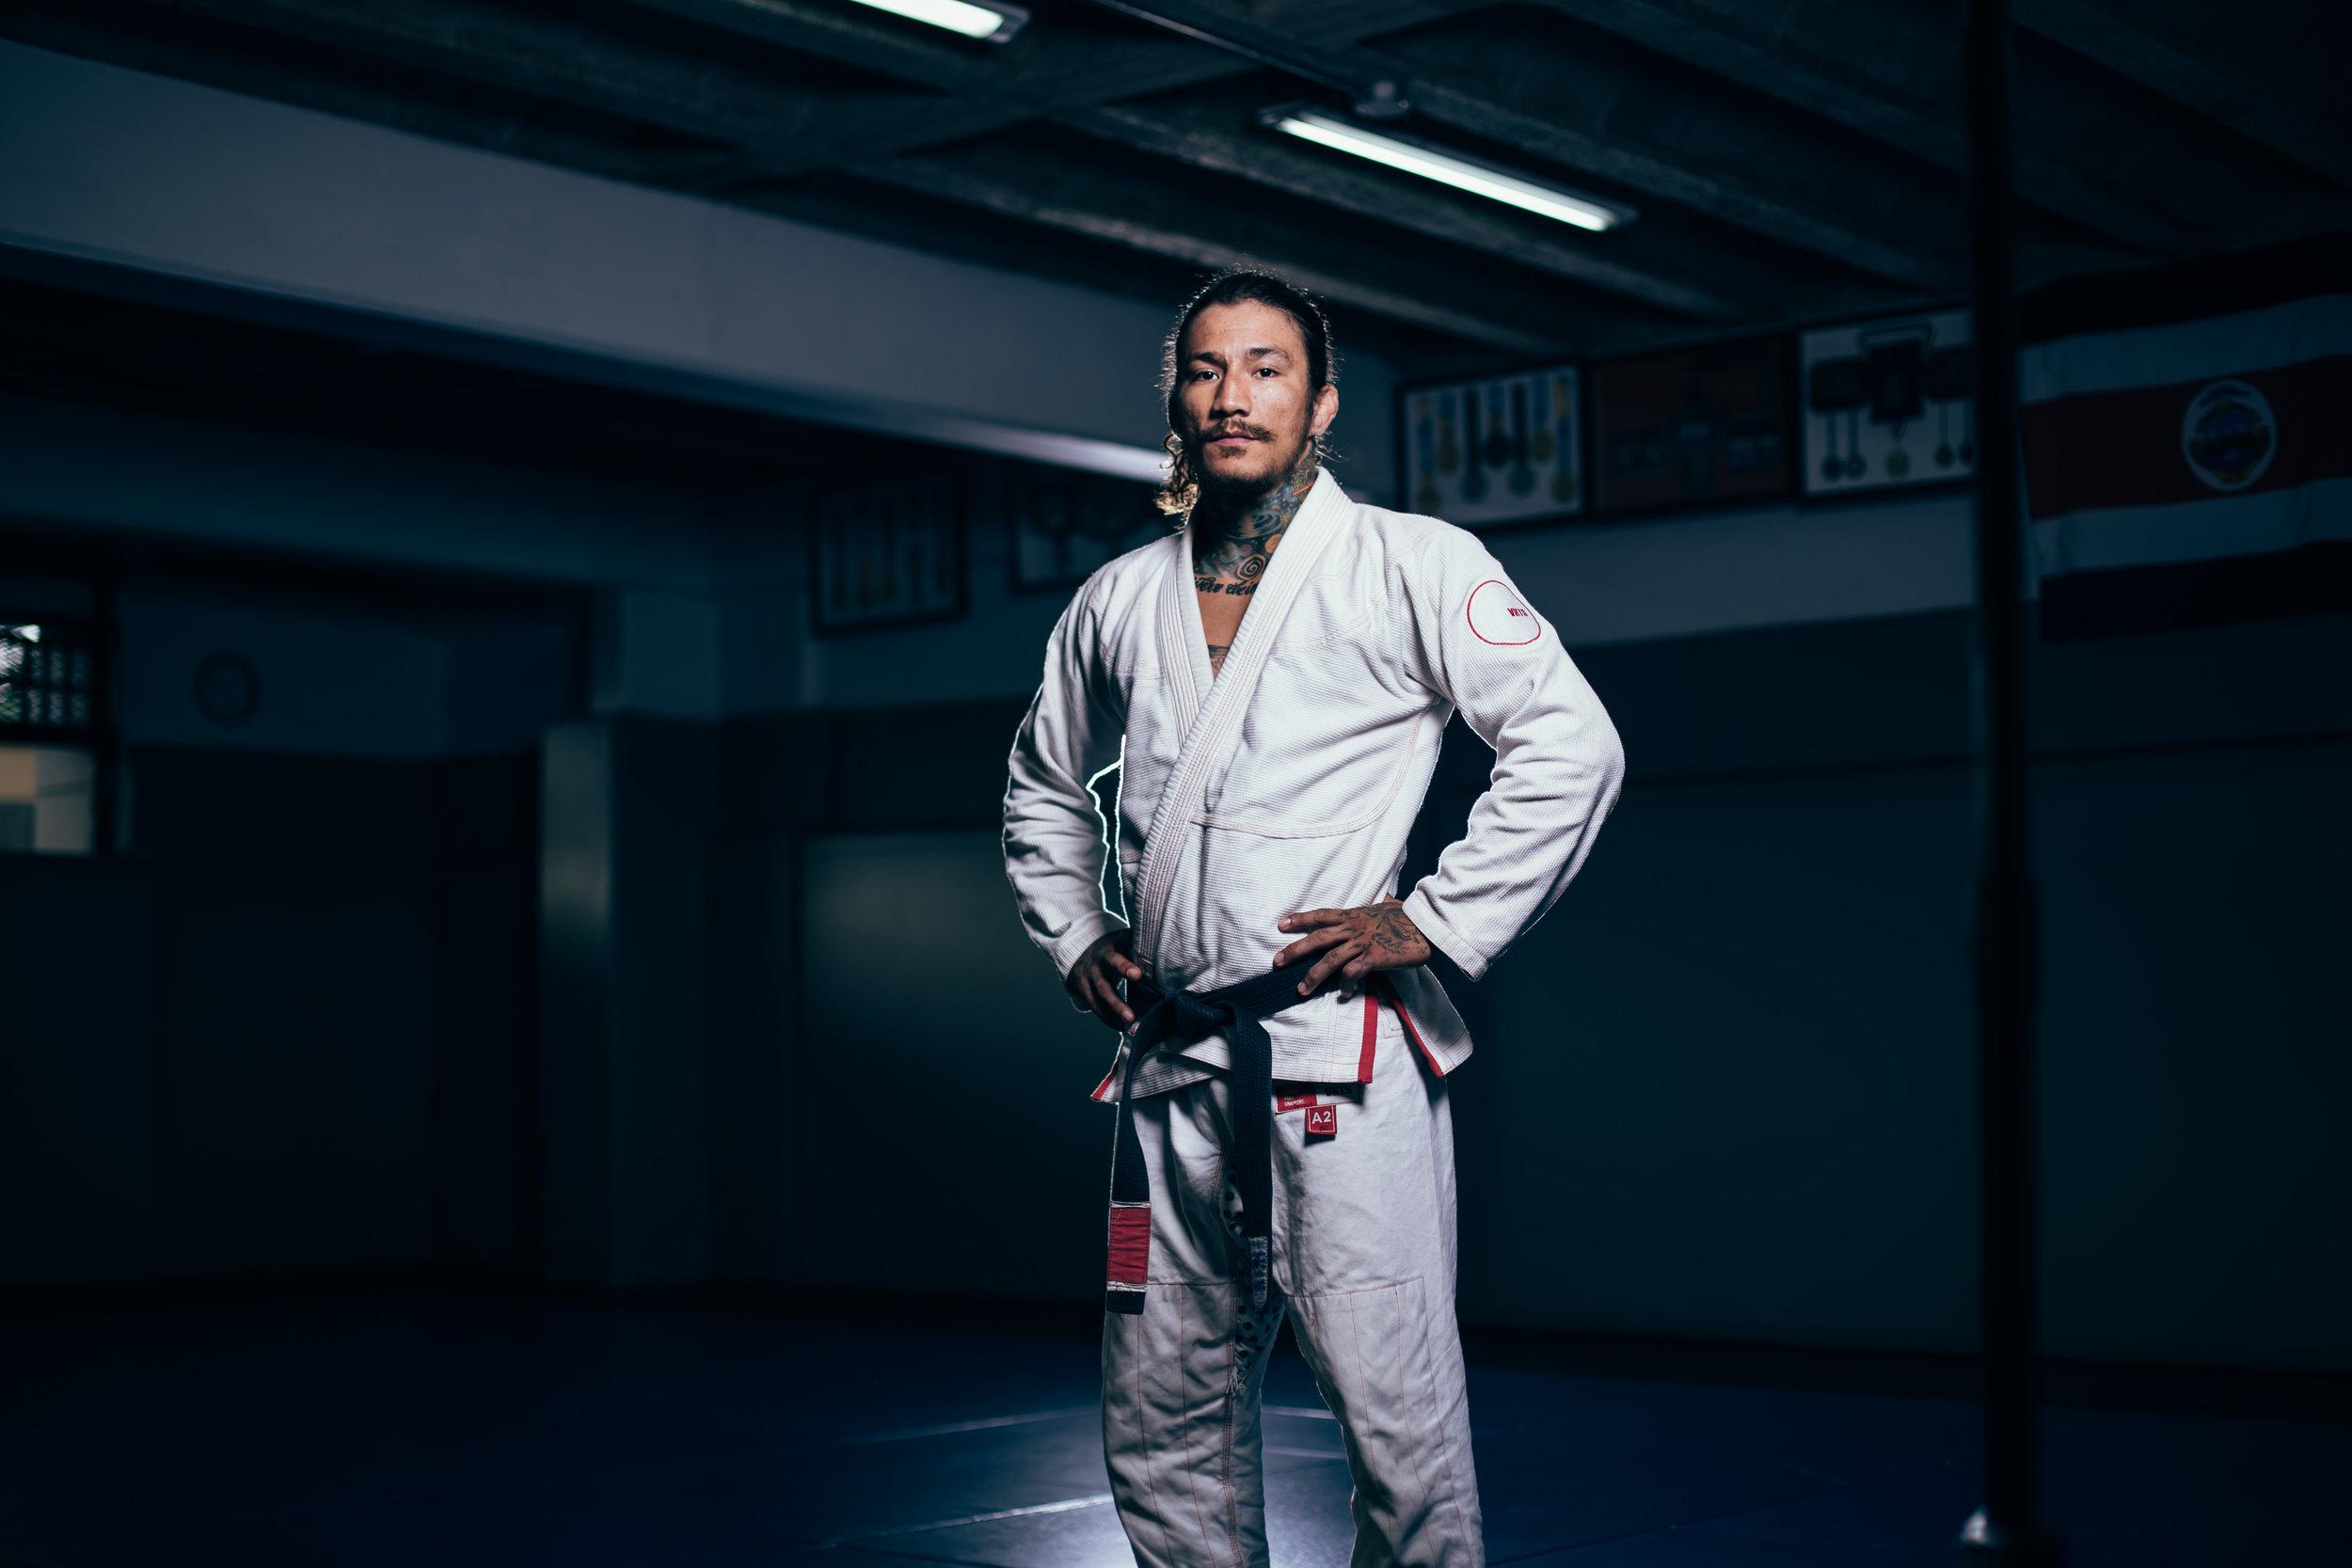 Juan Barrantes - Brazilian Jiu Jitsu Instructor